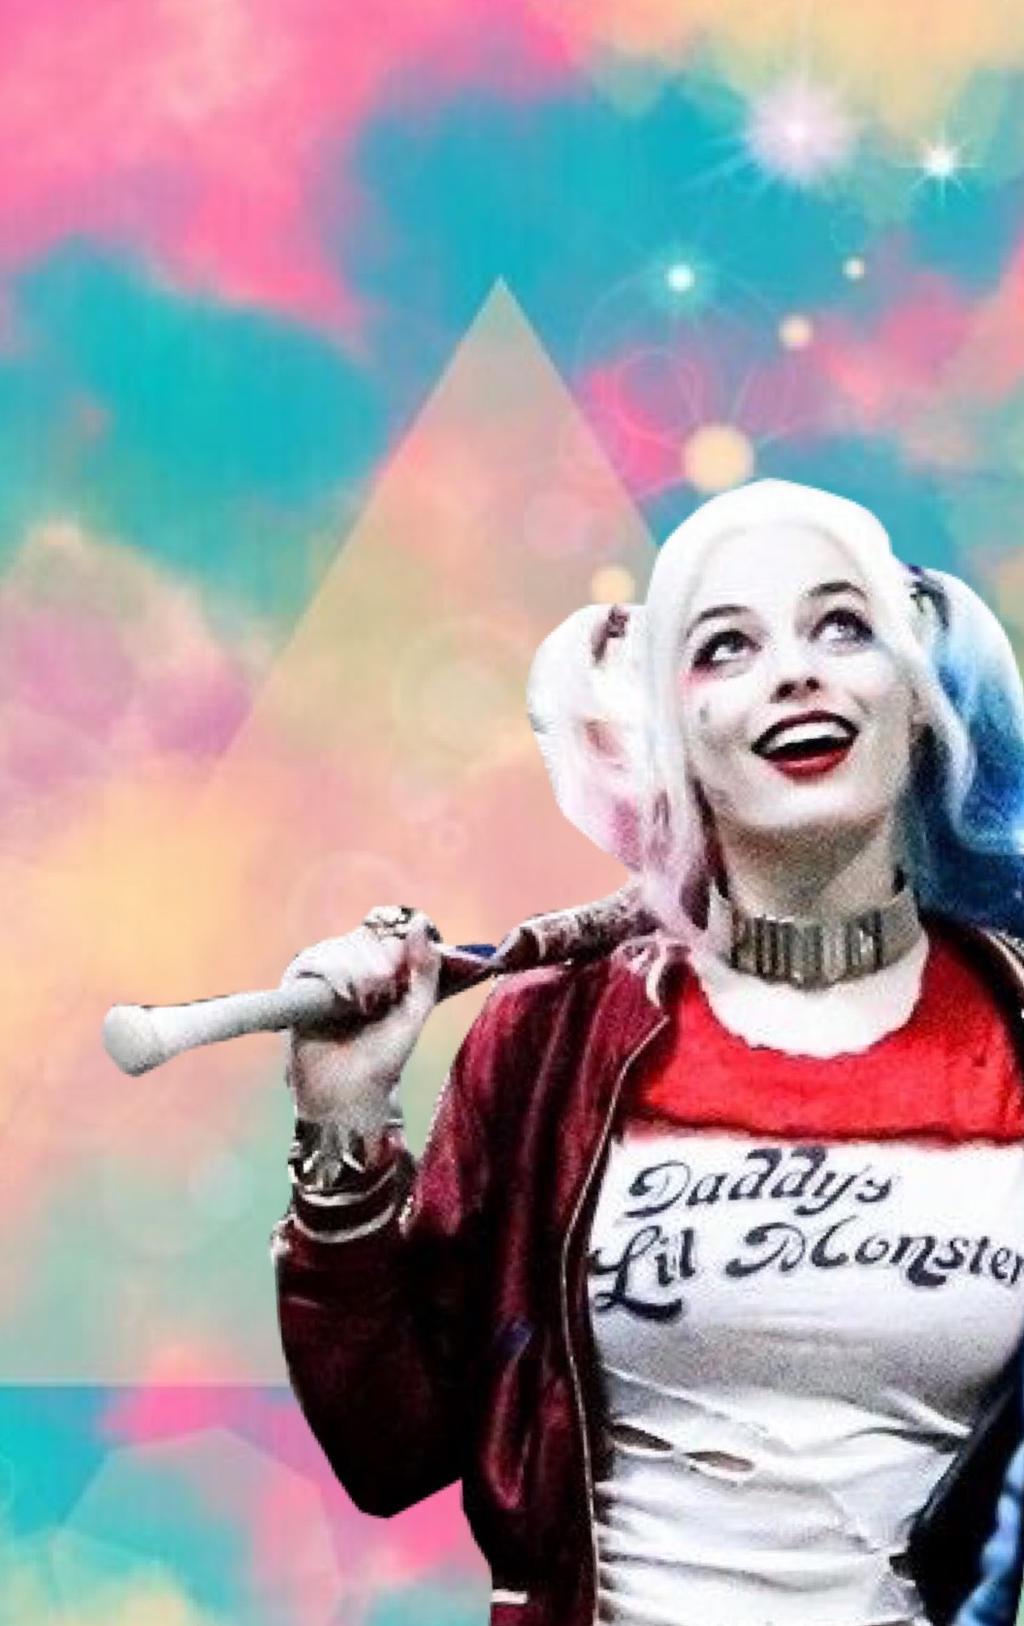 Harley Quinn Wallpaper 5 By Realtom5 On Deviantart